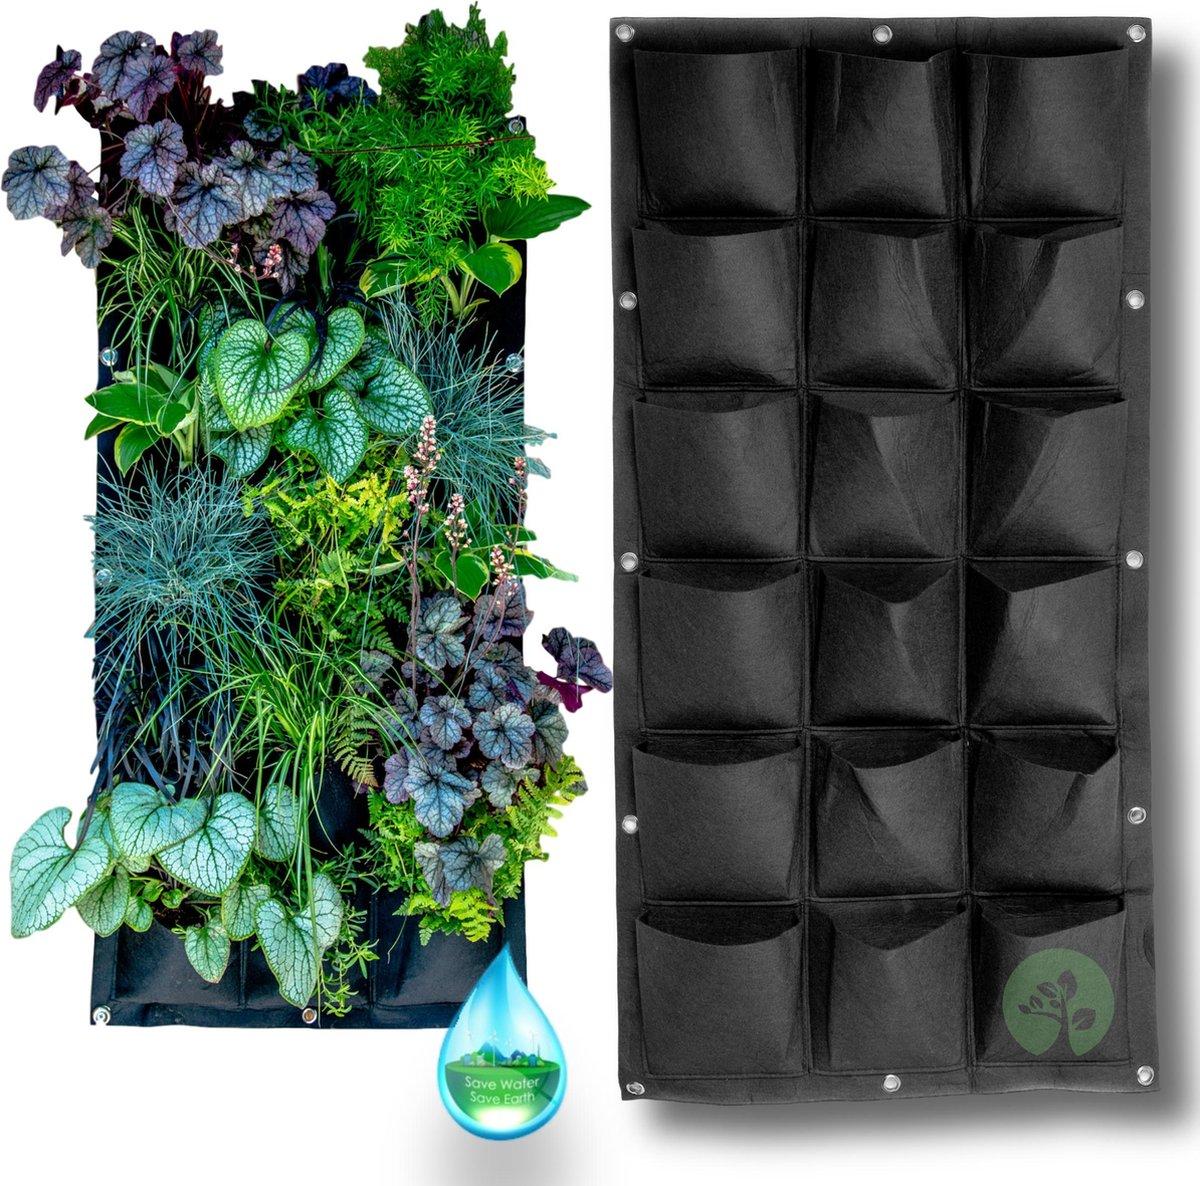 Verticale Tuin met Watersysteem - Hangende Plantenzak - Moestuin - 18 Ruime Vakken - 50x100 cm